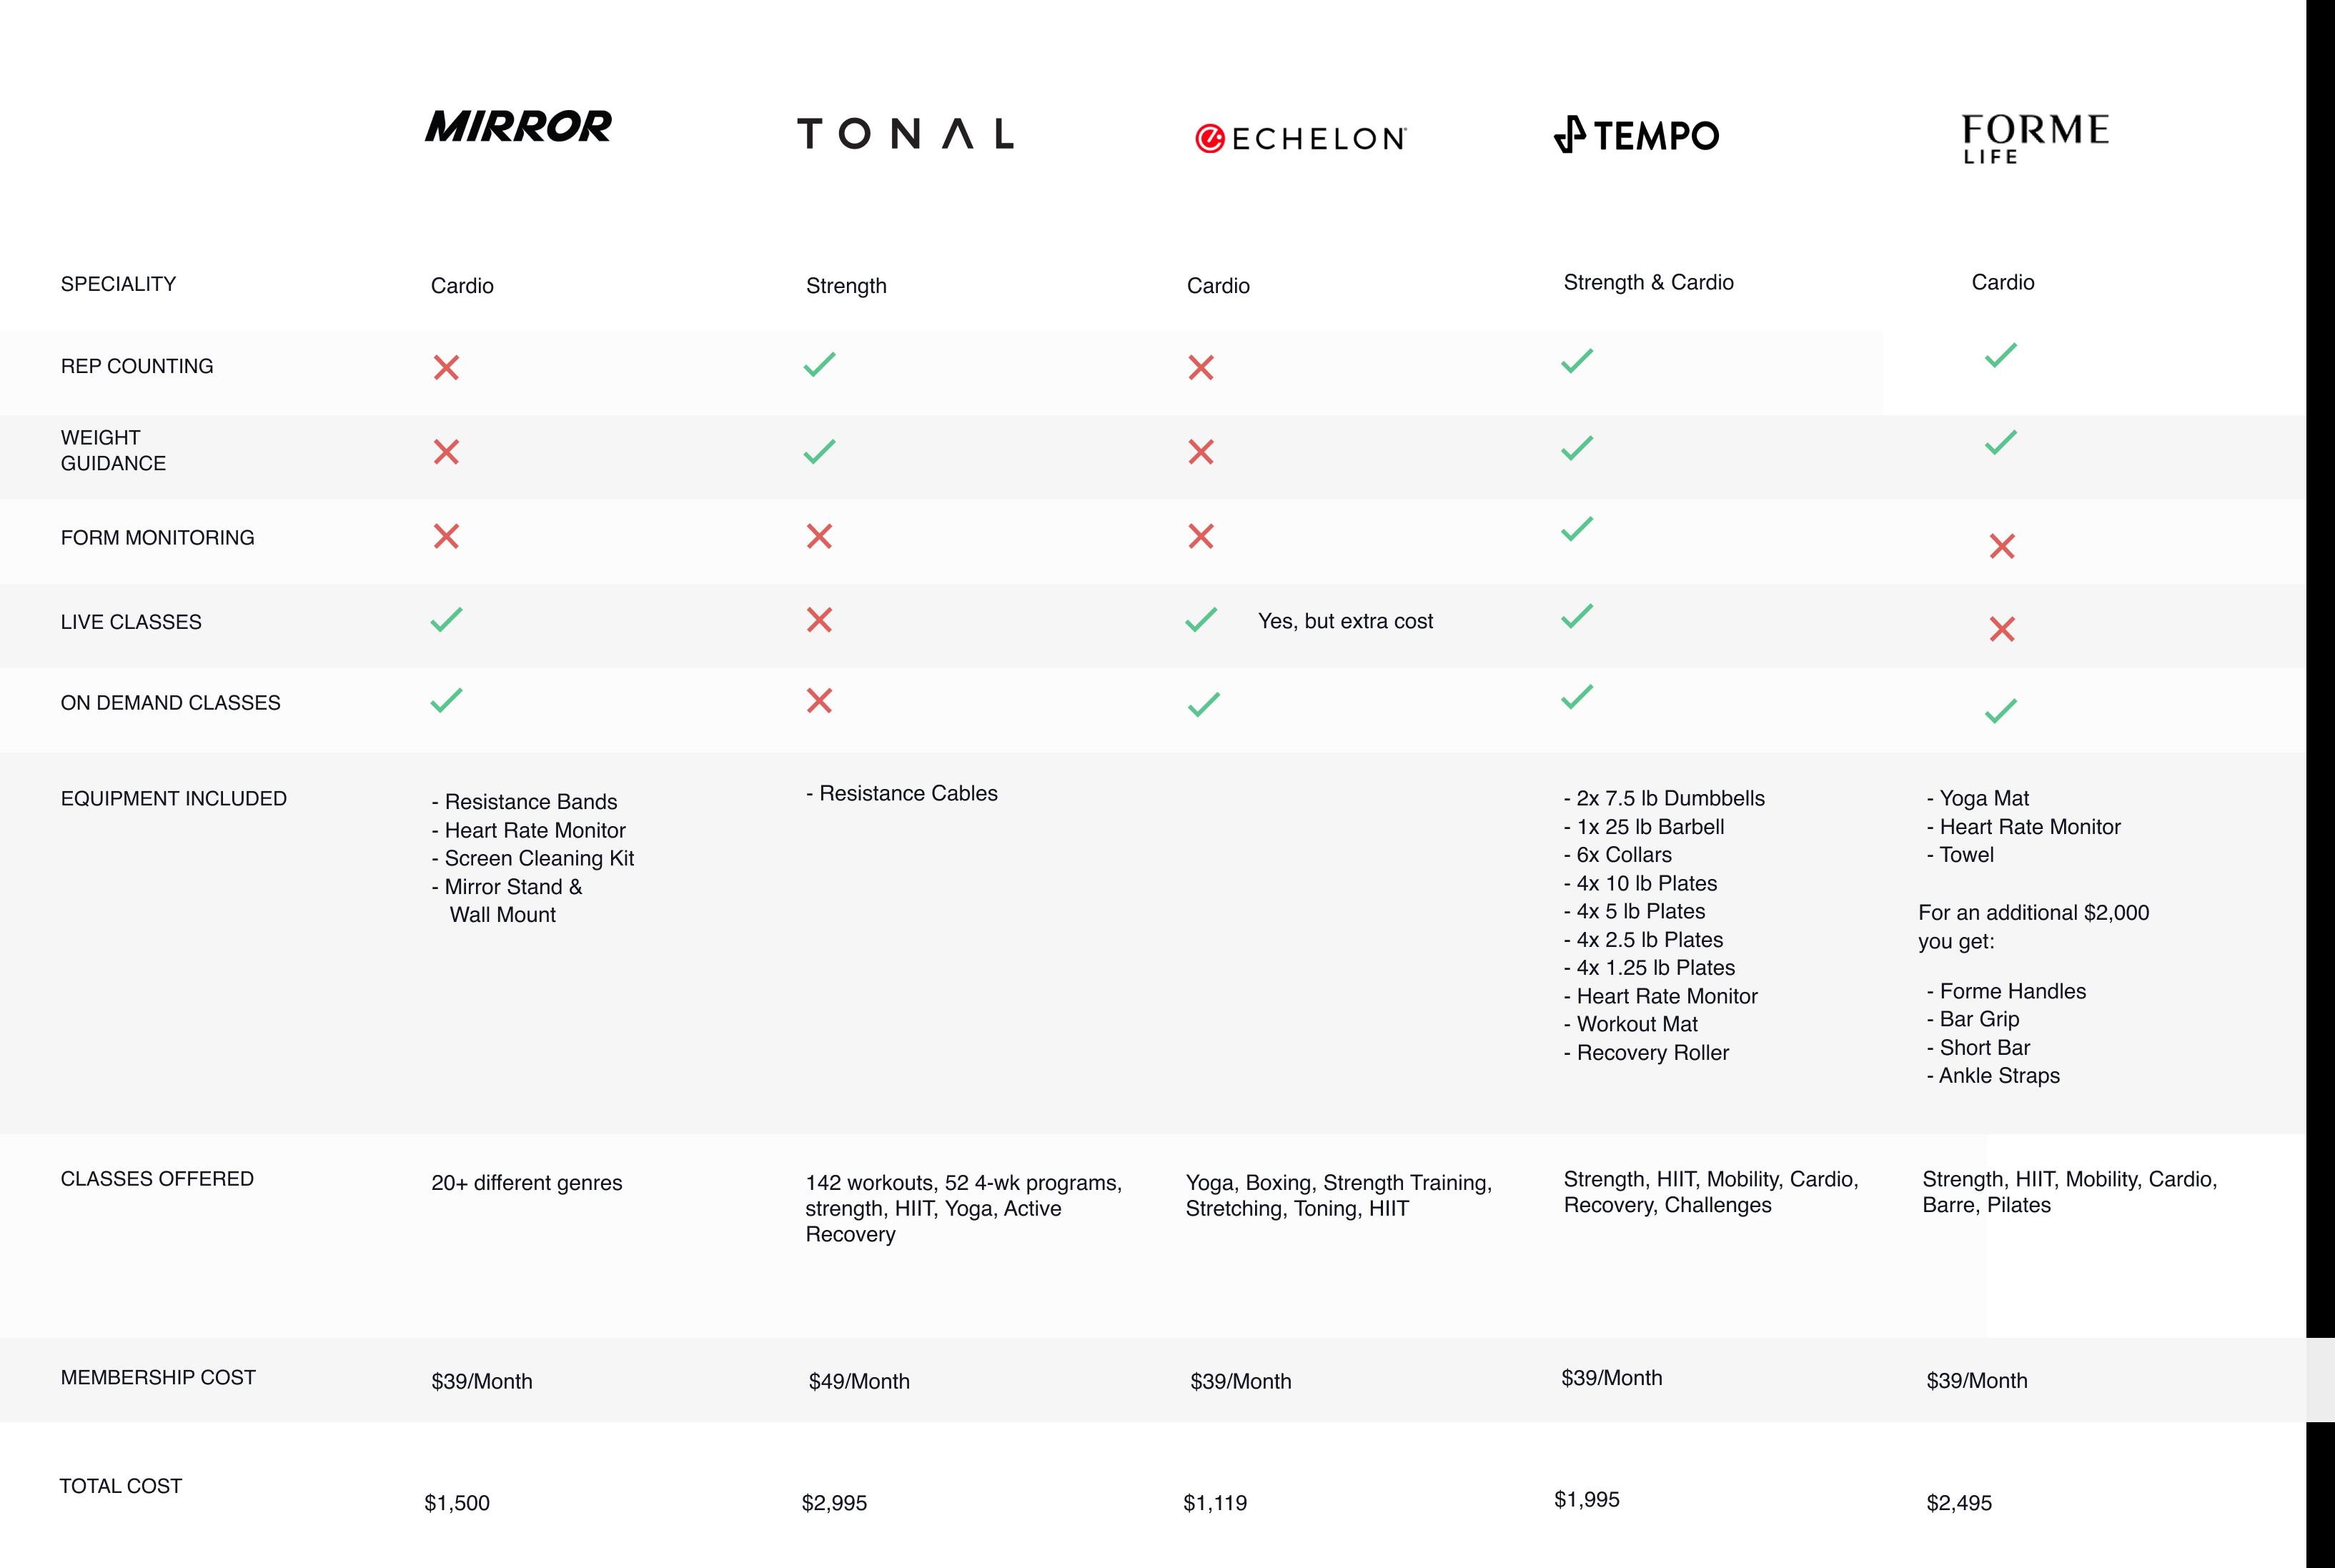 Compare Chart Mirror, Tonal, Echelon, Tempo, Forme Life